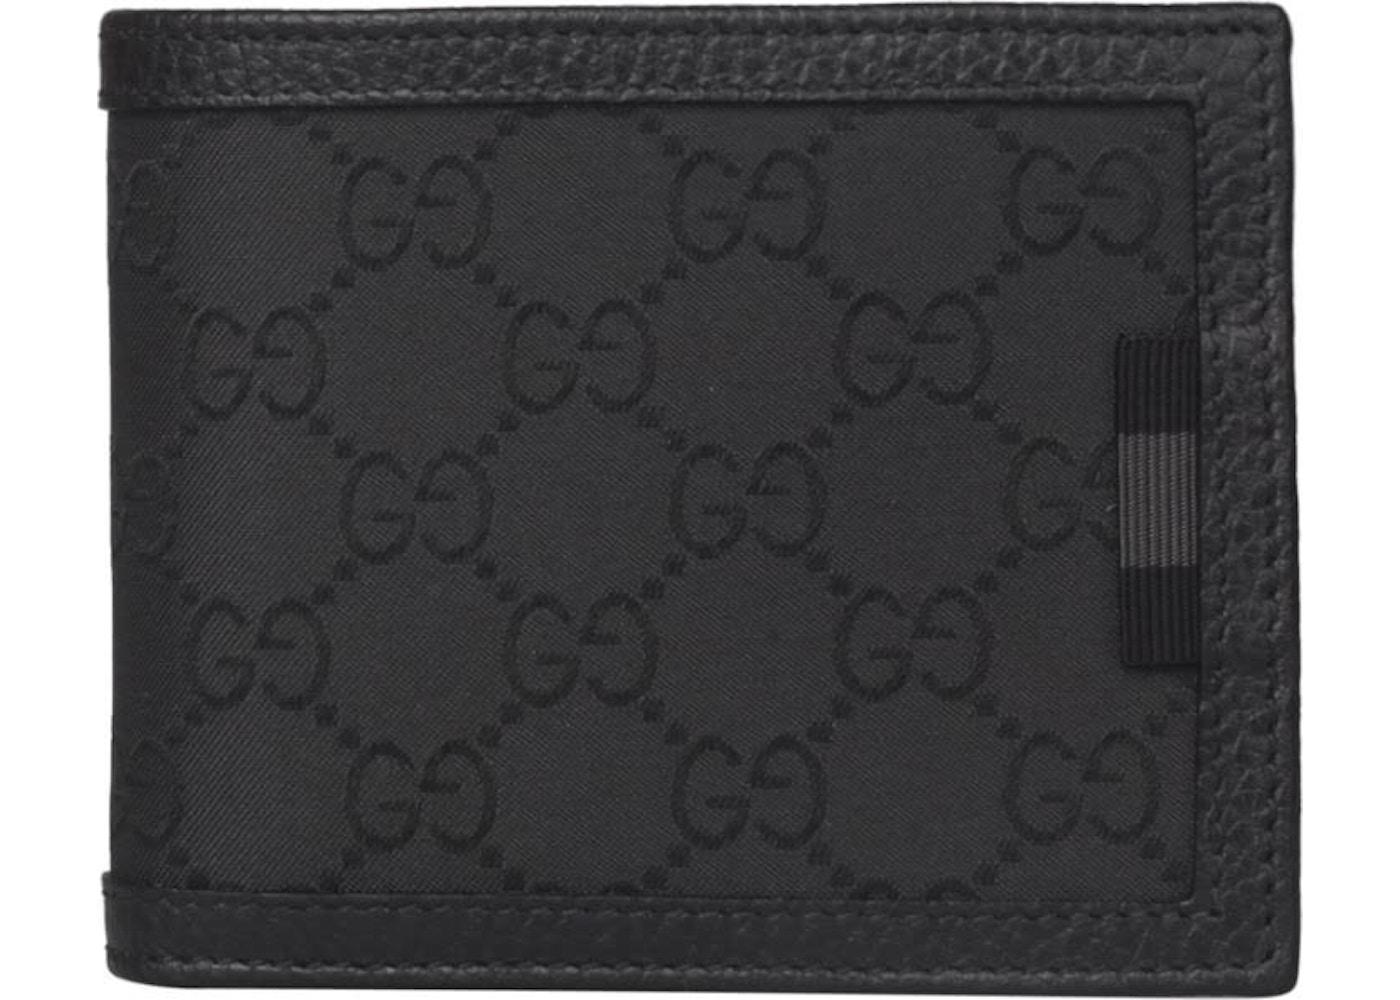 e8bc07be682f Gucci Bifold Wallet GG Supreme Canvas Black